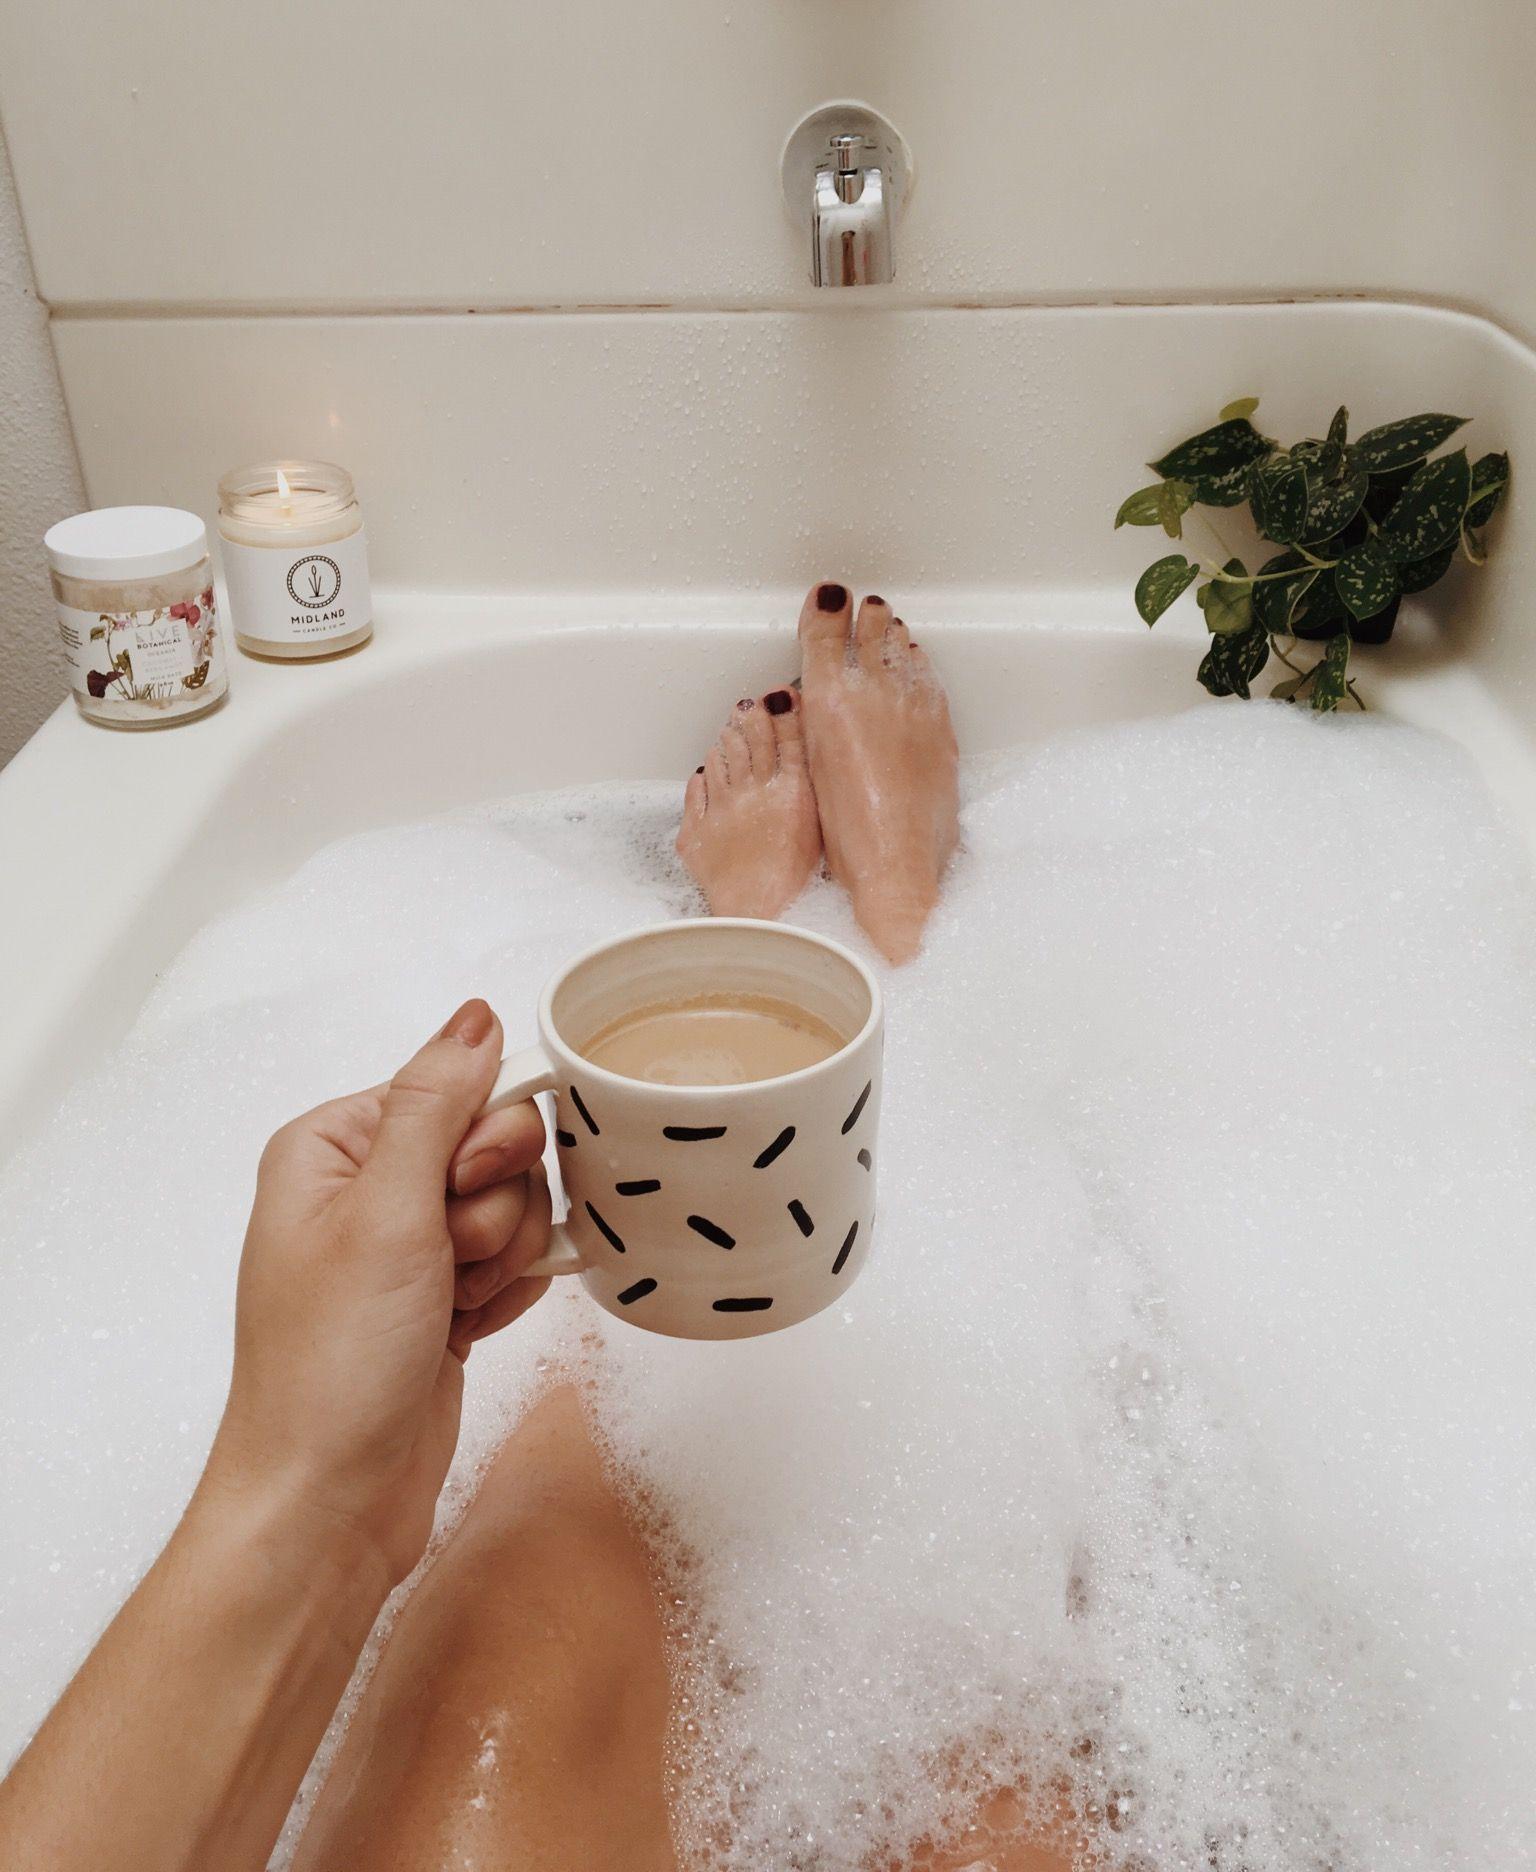 Thư giãn trong bồn nước ấm giúp giải tỏa căng thẳng.